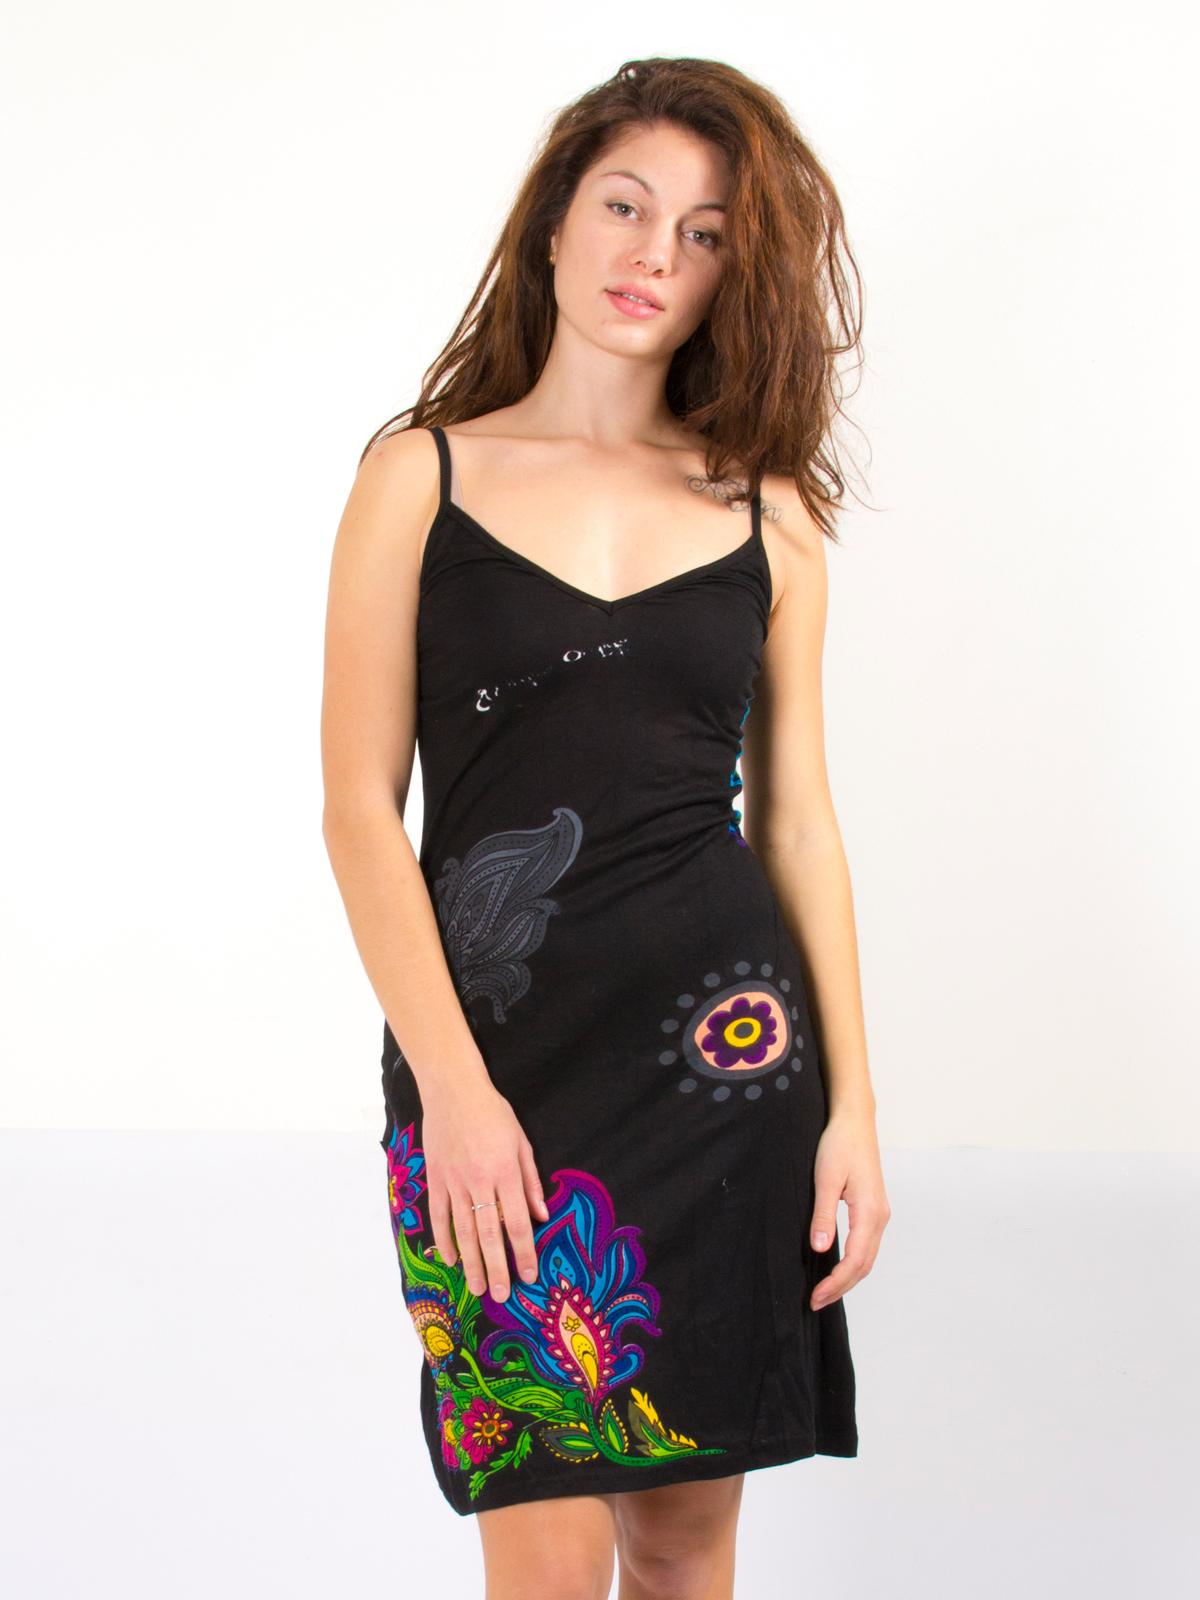 974a3772ae5 Robe noire légère avec motif hindi coloré